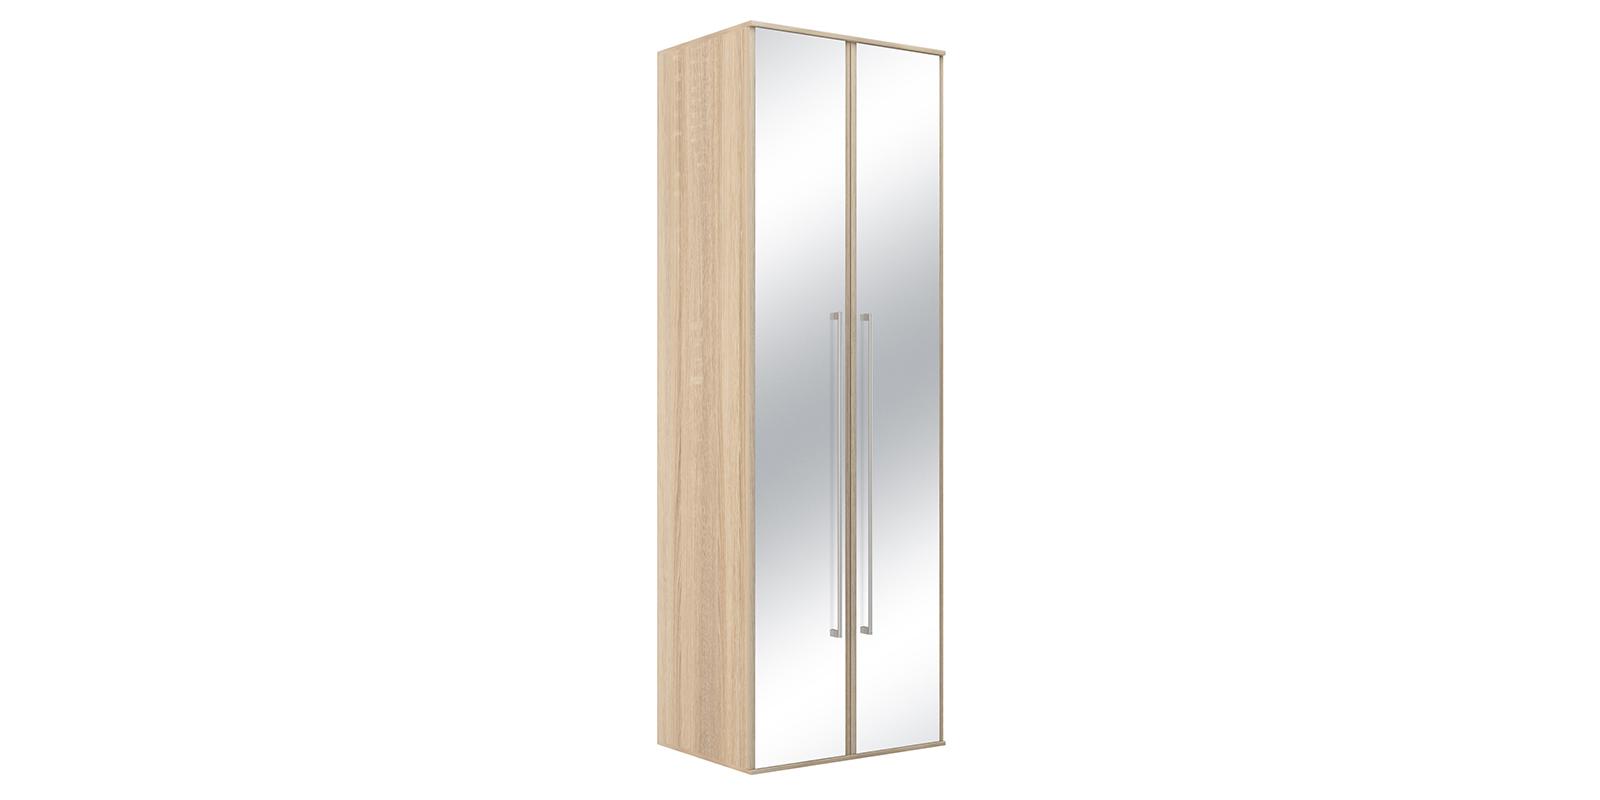 Шкаф распашной двухдверный Бали вариант №2 (дуб сонома/зеркальный)